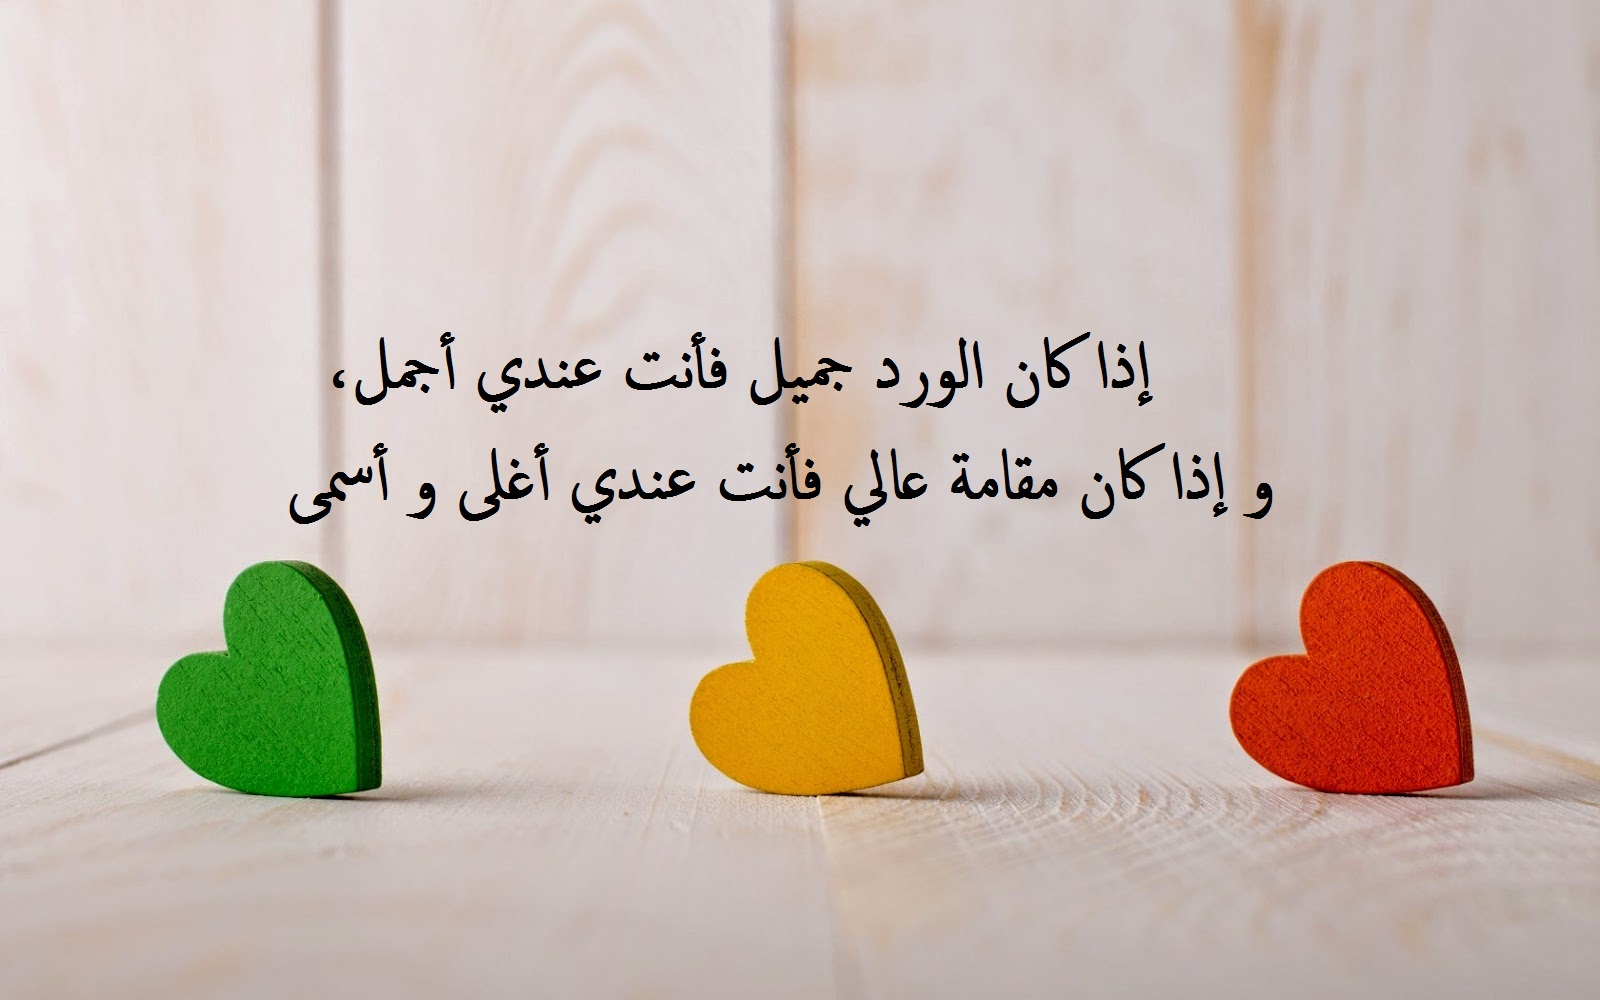 كلمات قوية في الحب.